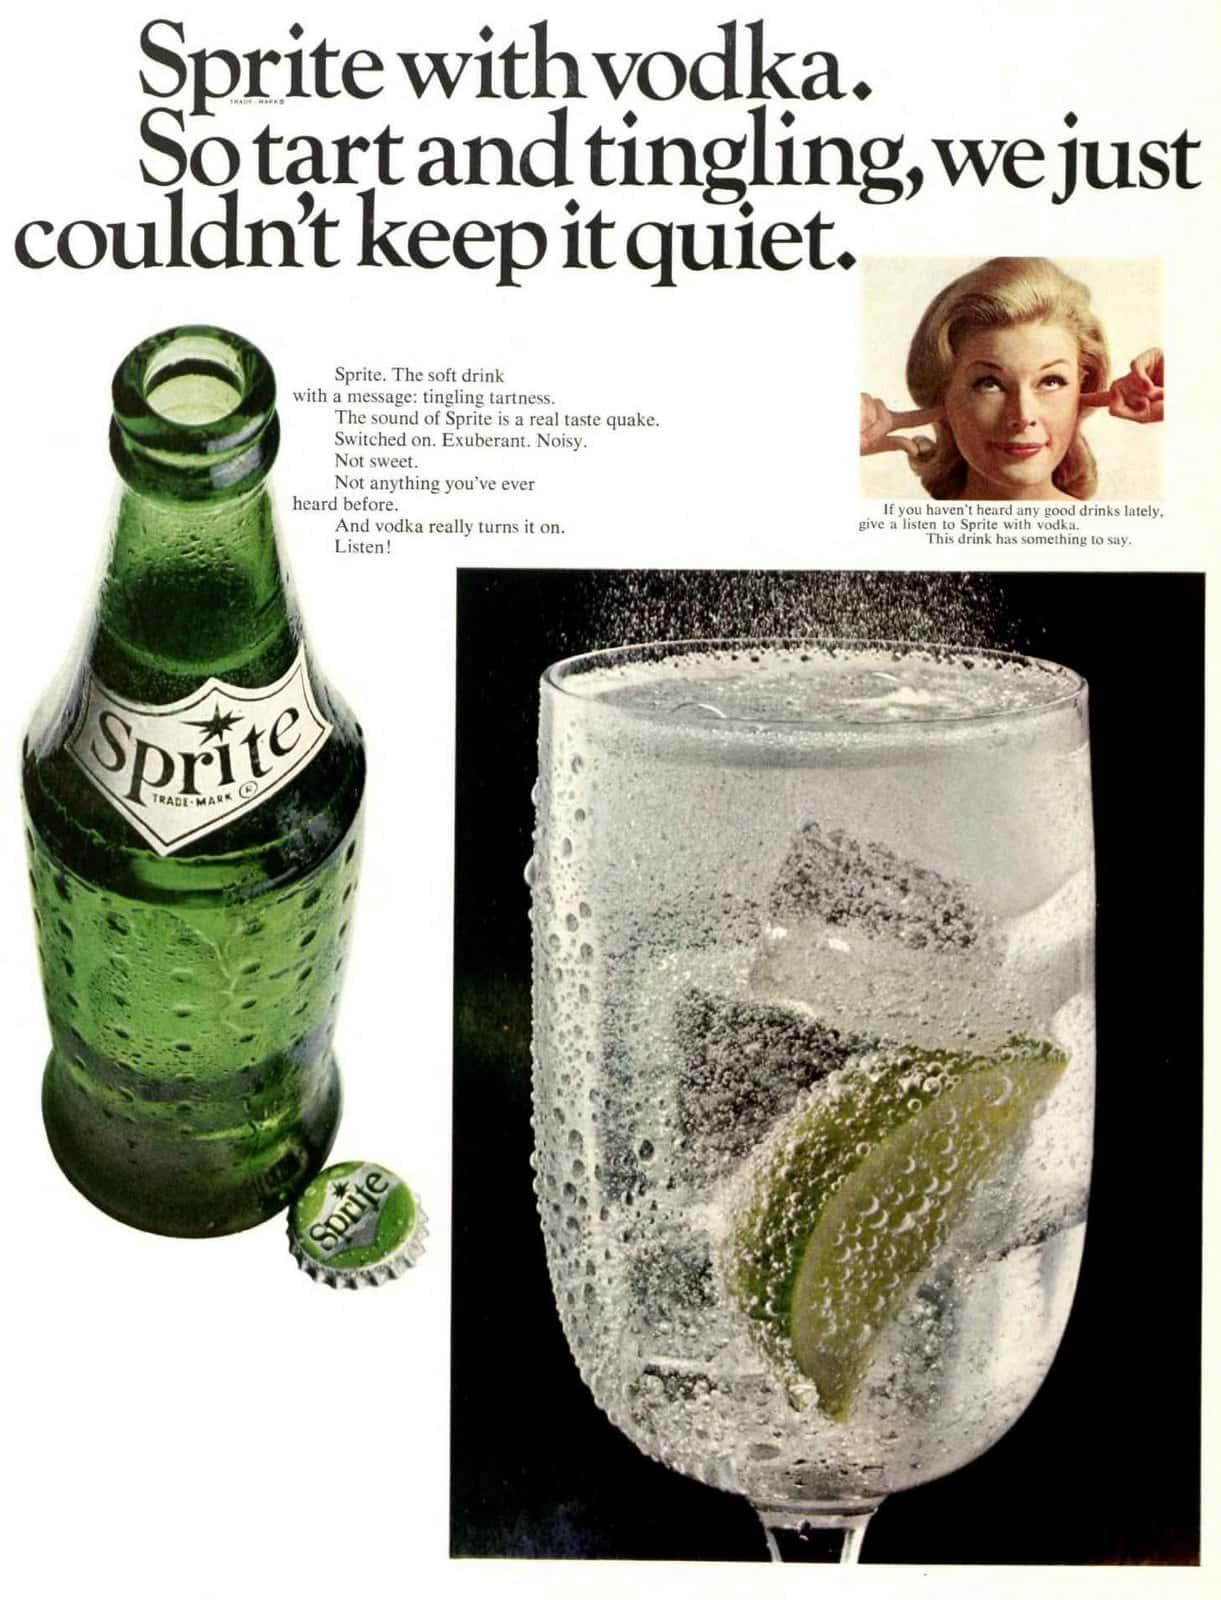 Sprite with vodka (1966)